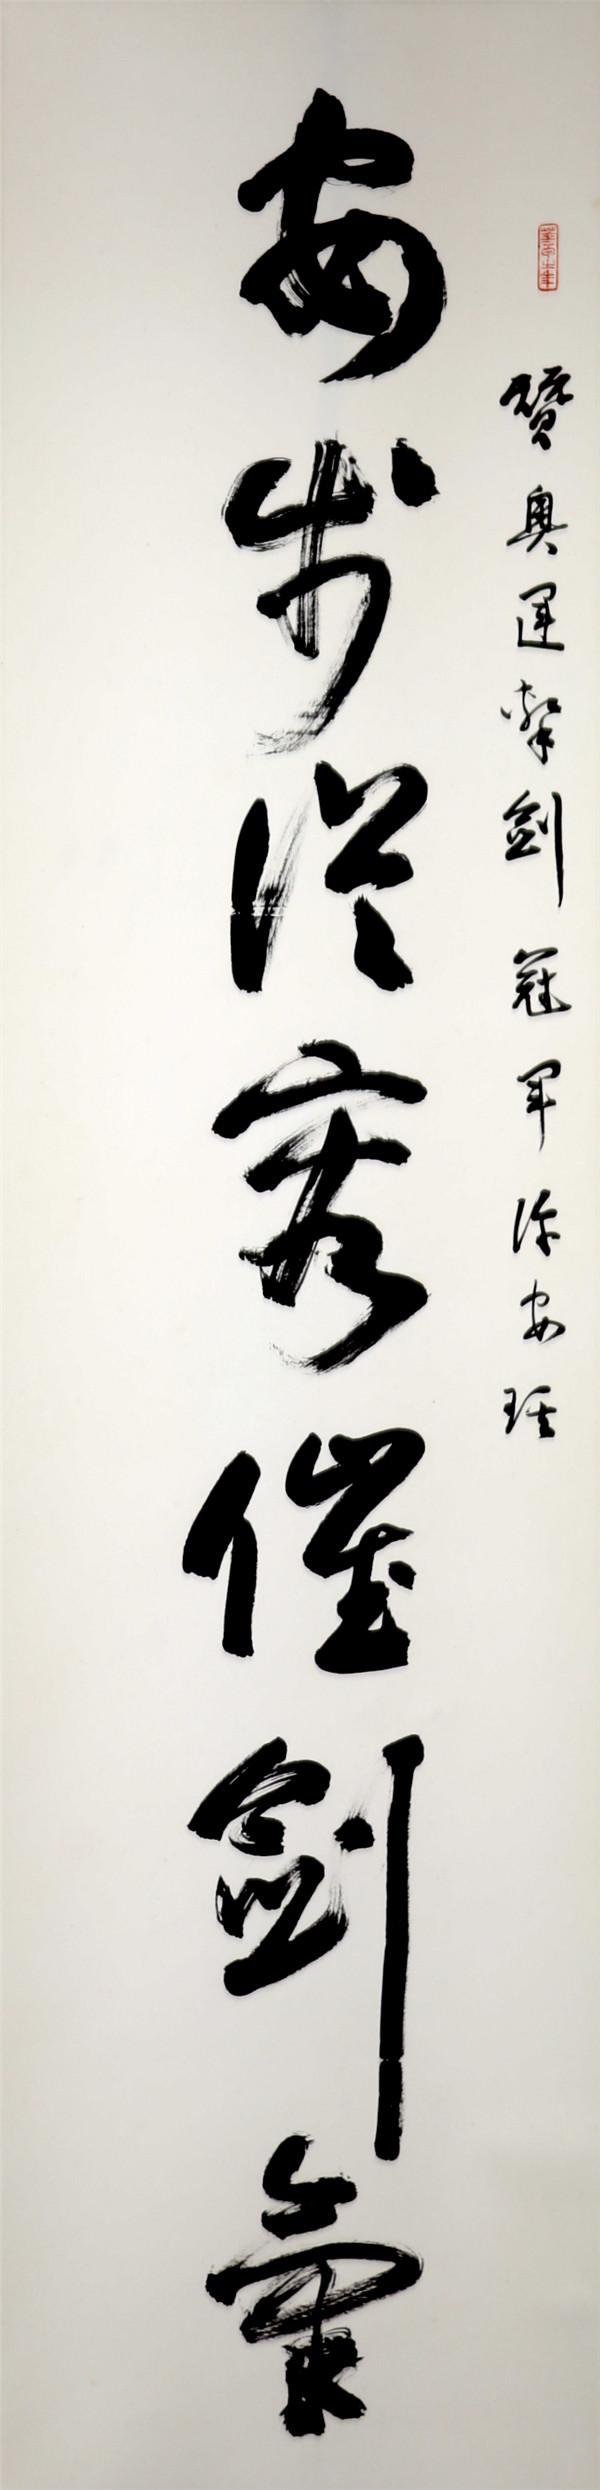 序号367,录闫长安为江苏奥运冠军许安琪嵌名联